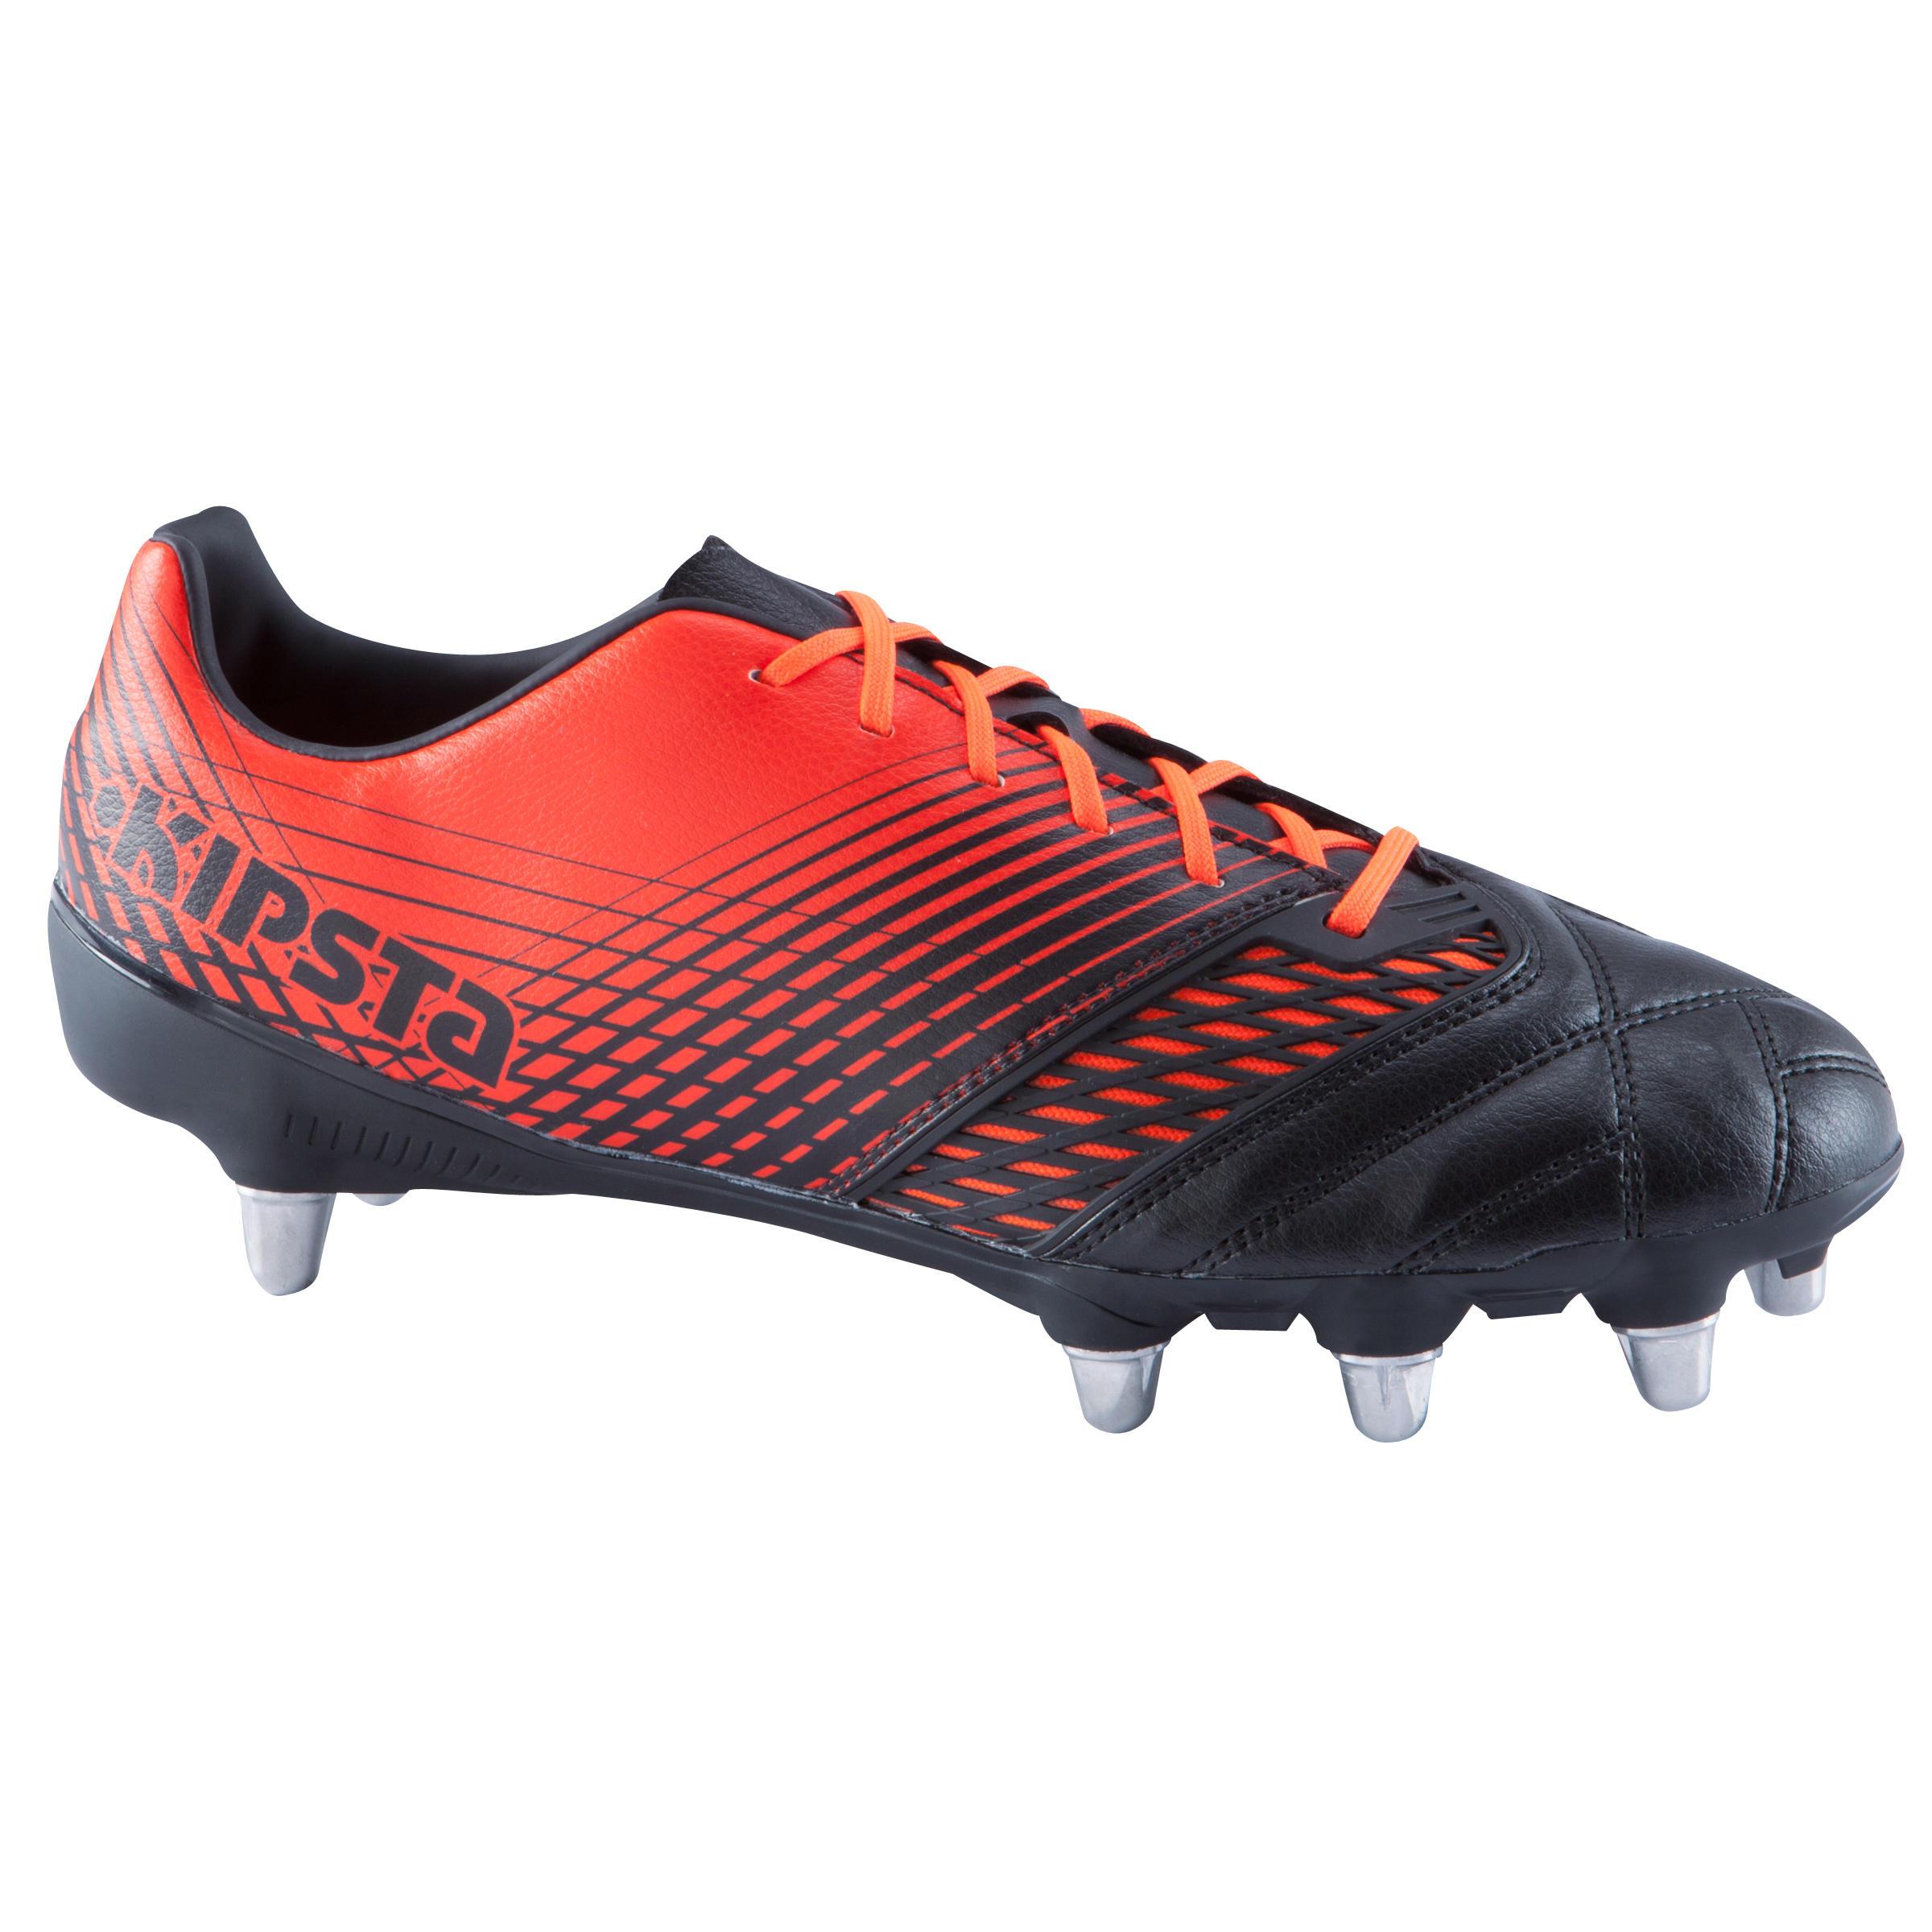 online retailer 81fc6 14696 Comprar botas de rugby para adultos y niños  Decathlon